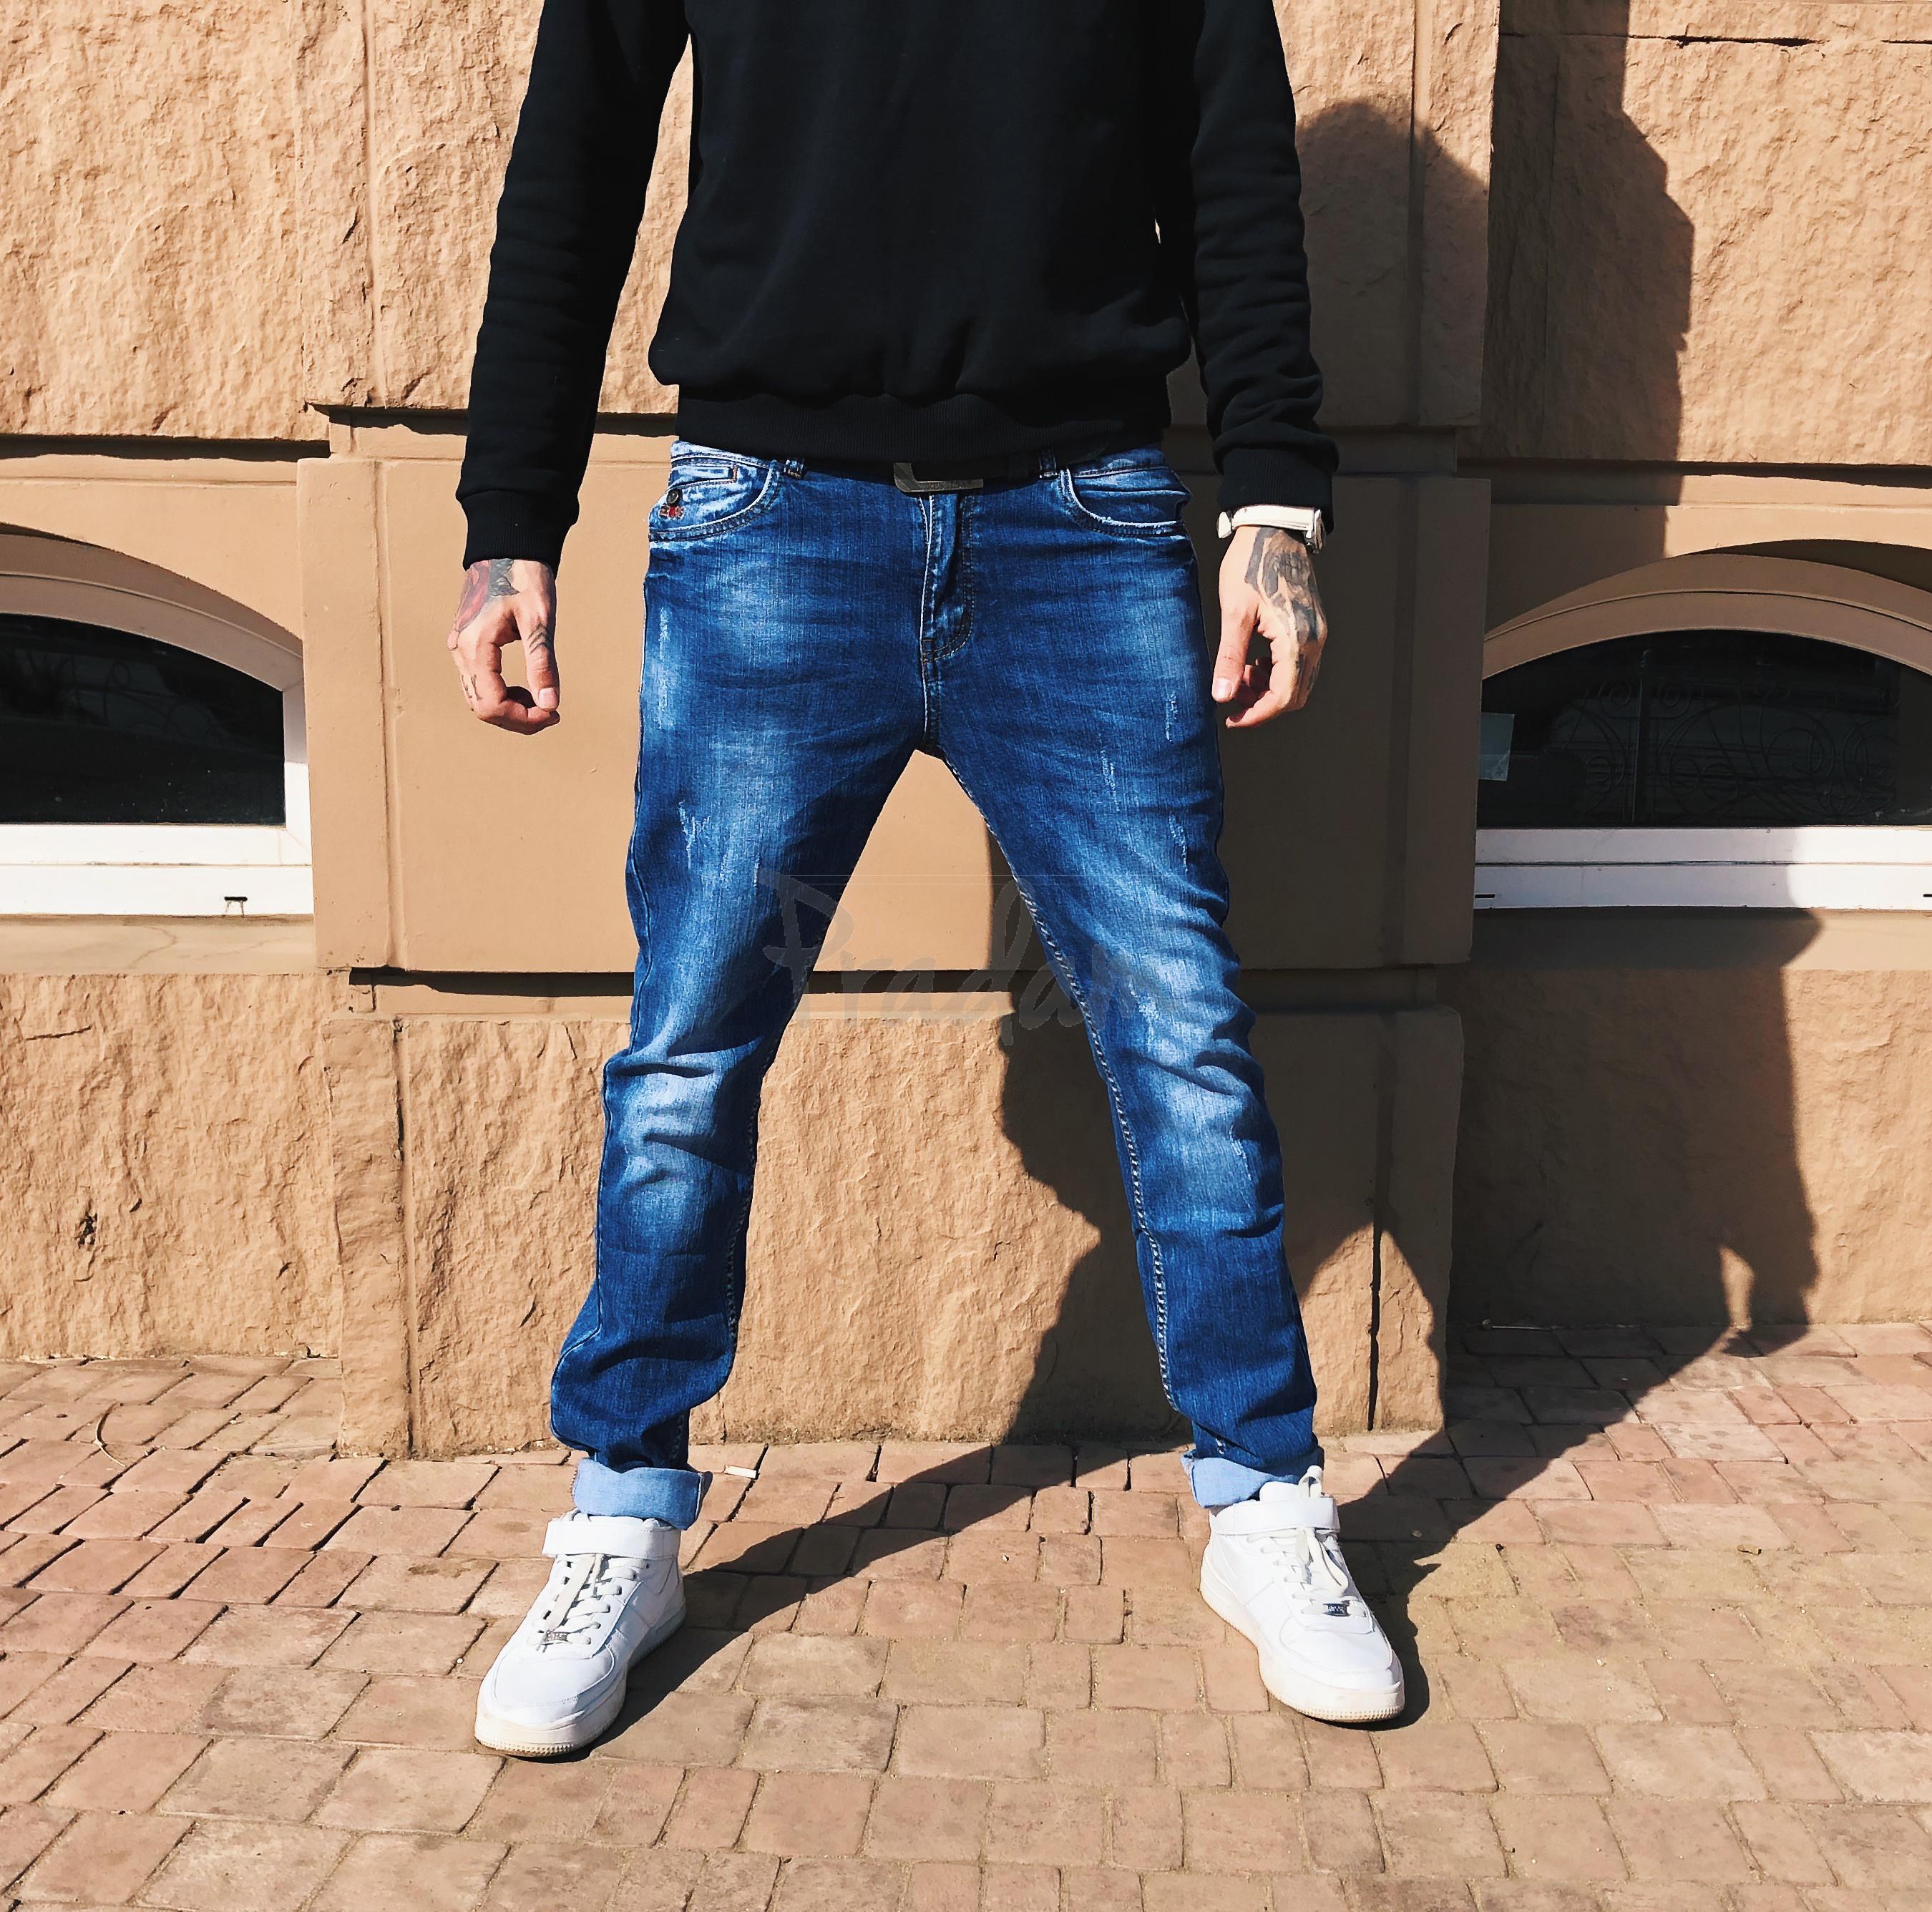 8052 Resalsa джинсы мужские с царапками весенние стрейчевые (29-2,30-2,31, 5 ед.)